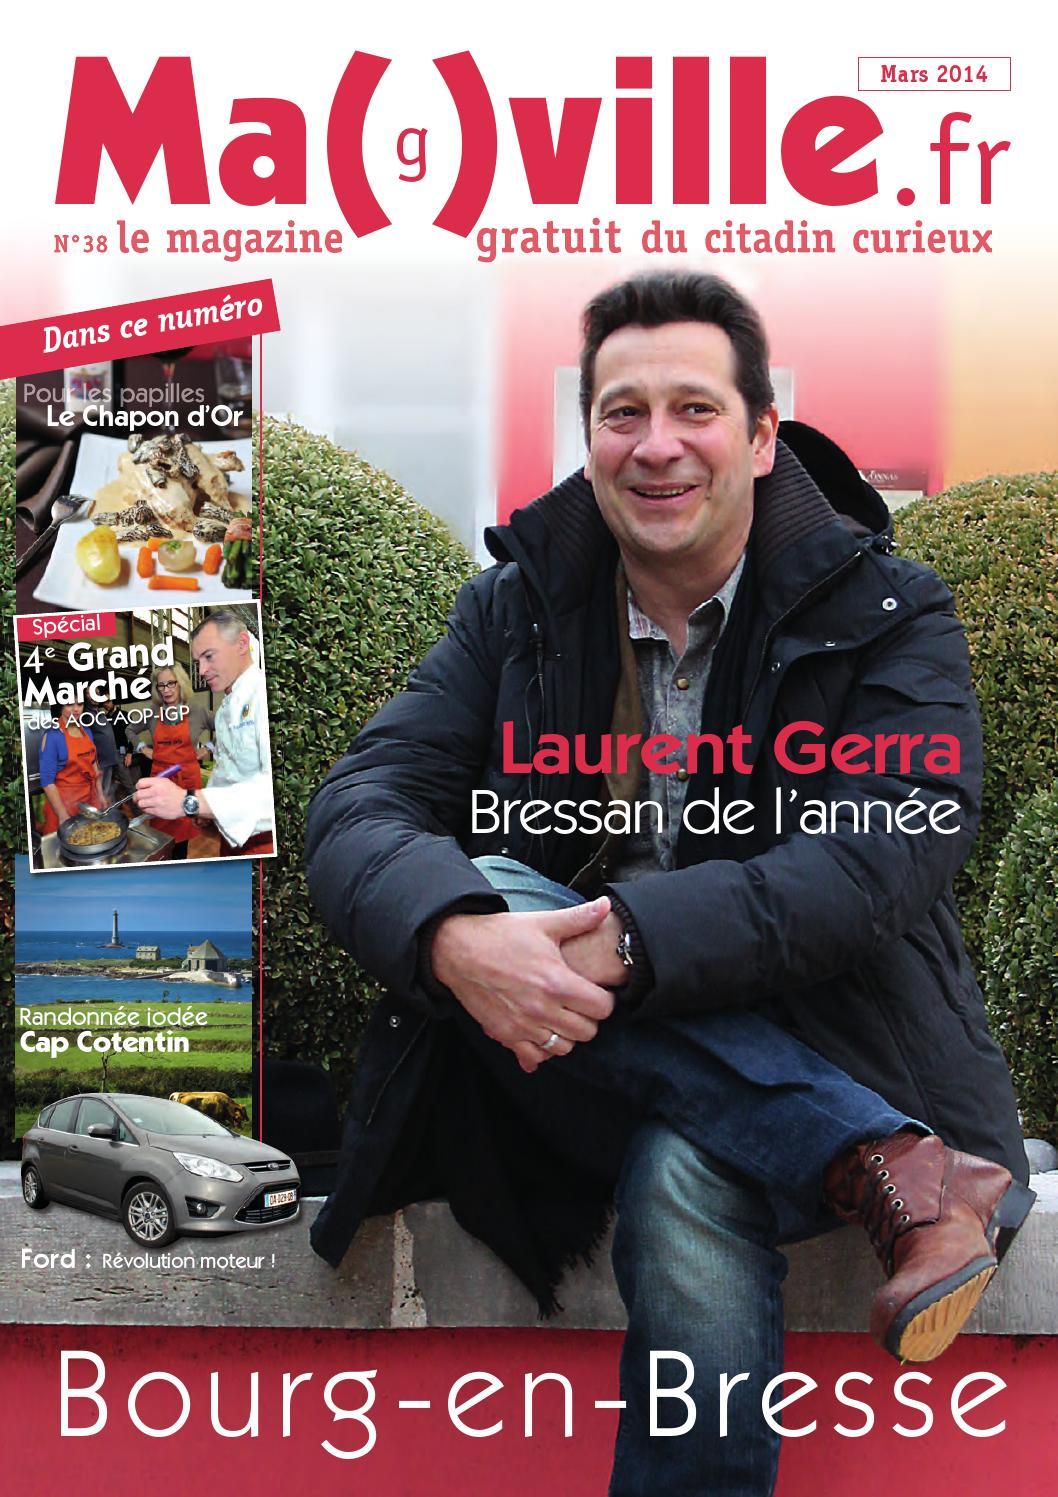 dijon rencontre gay vacation rentals a Bourg en Bresse